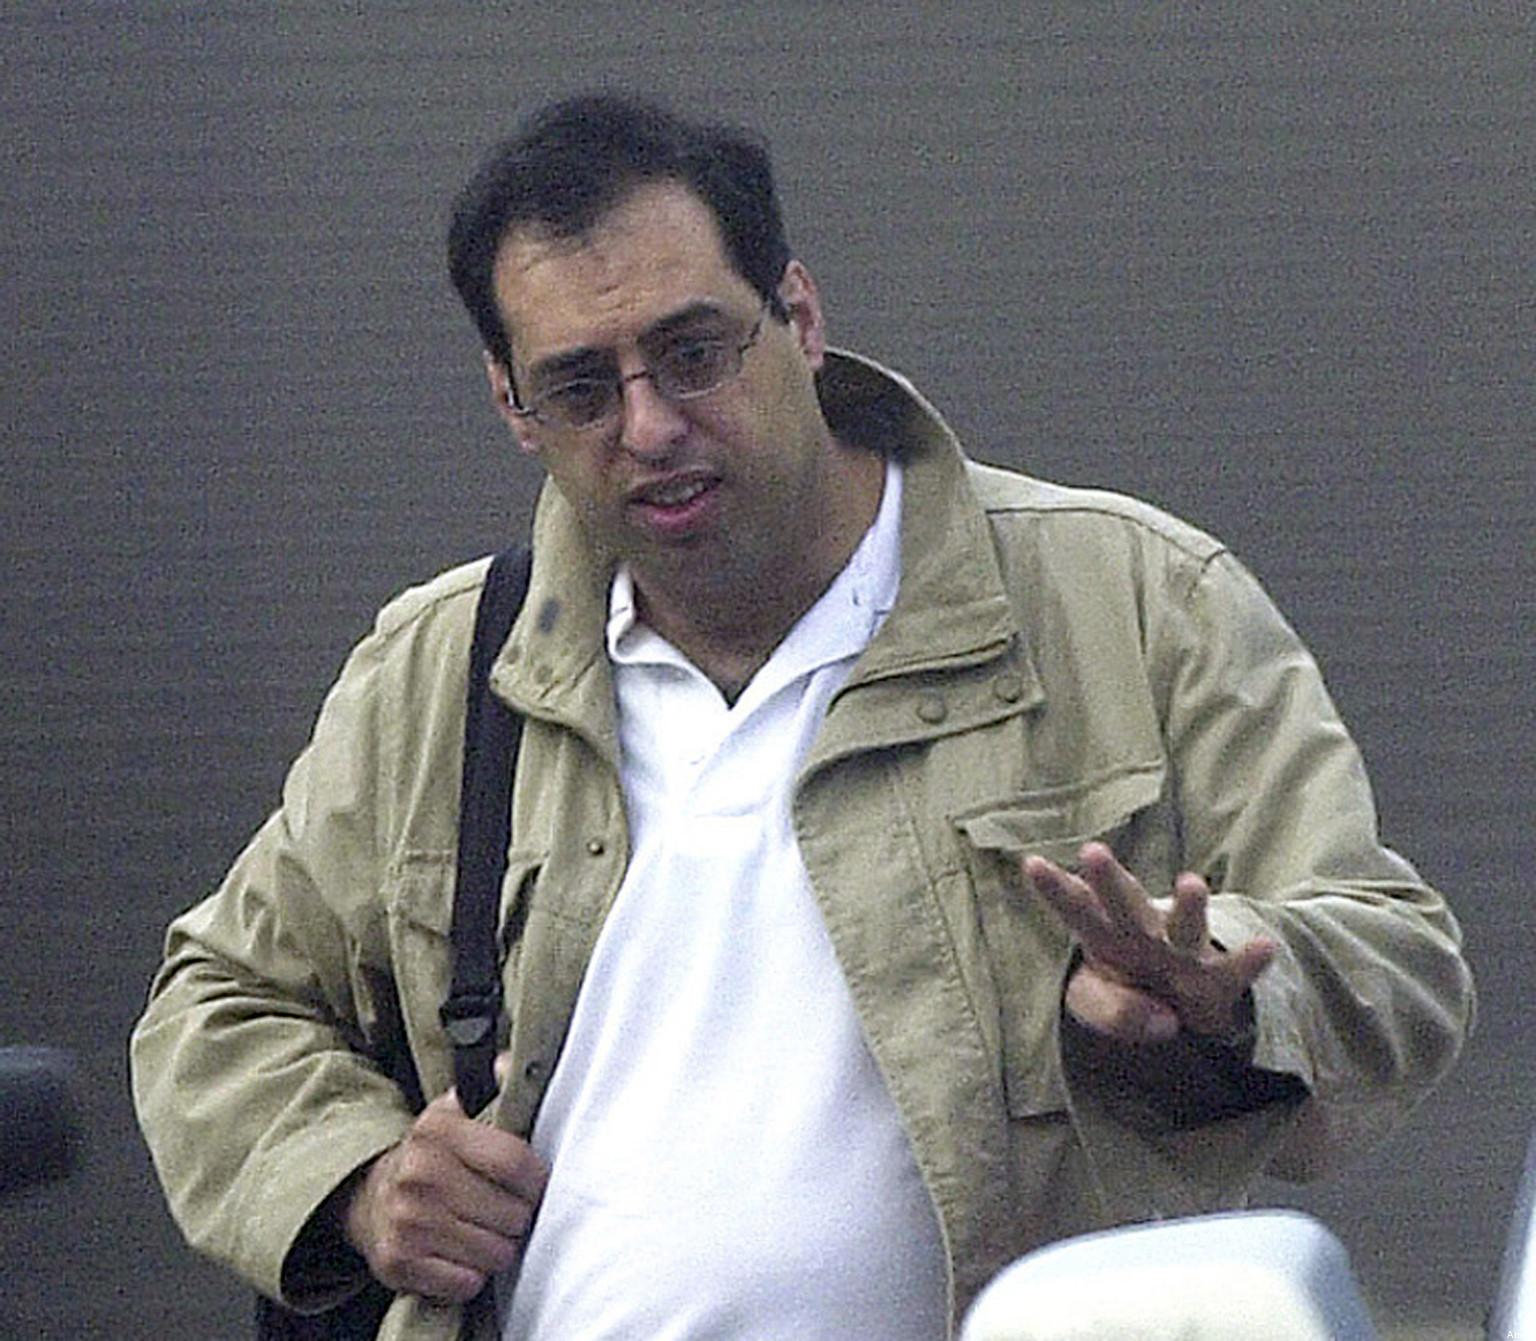 Omicidio Elisa Claps: confermata la condanna a 30 anni per Danilo ...: www.huffingtonpost.it/2013/04/24/omicidio-elisa-claps-confermata-la...